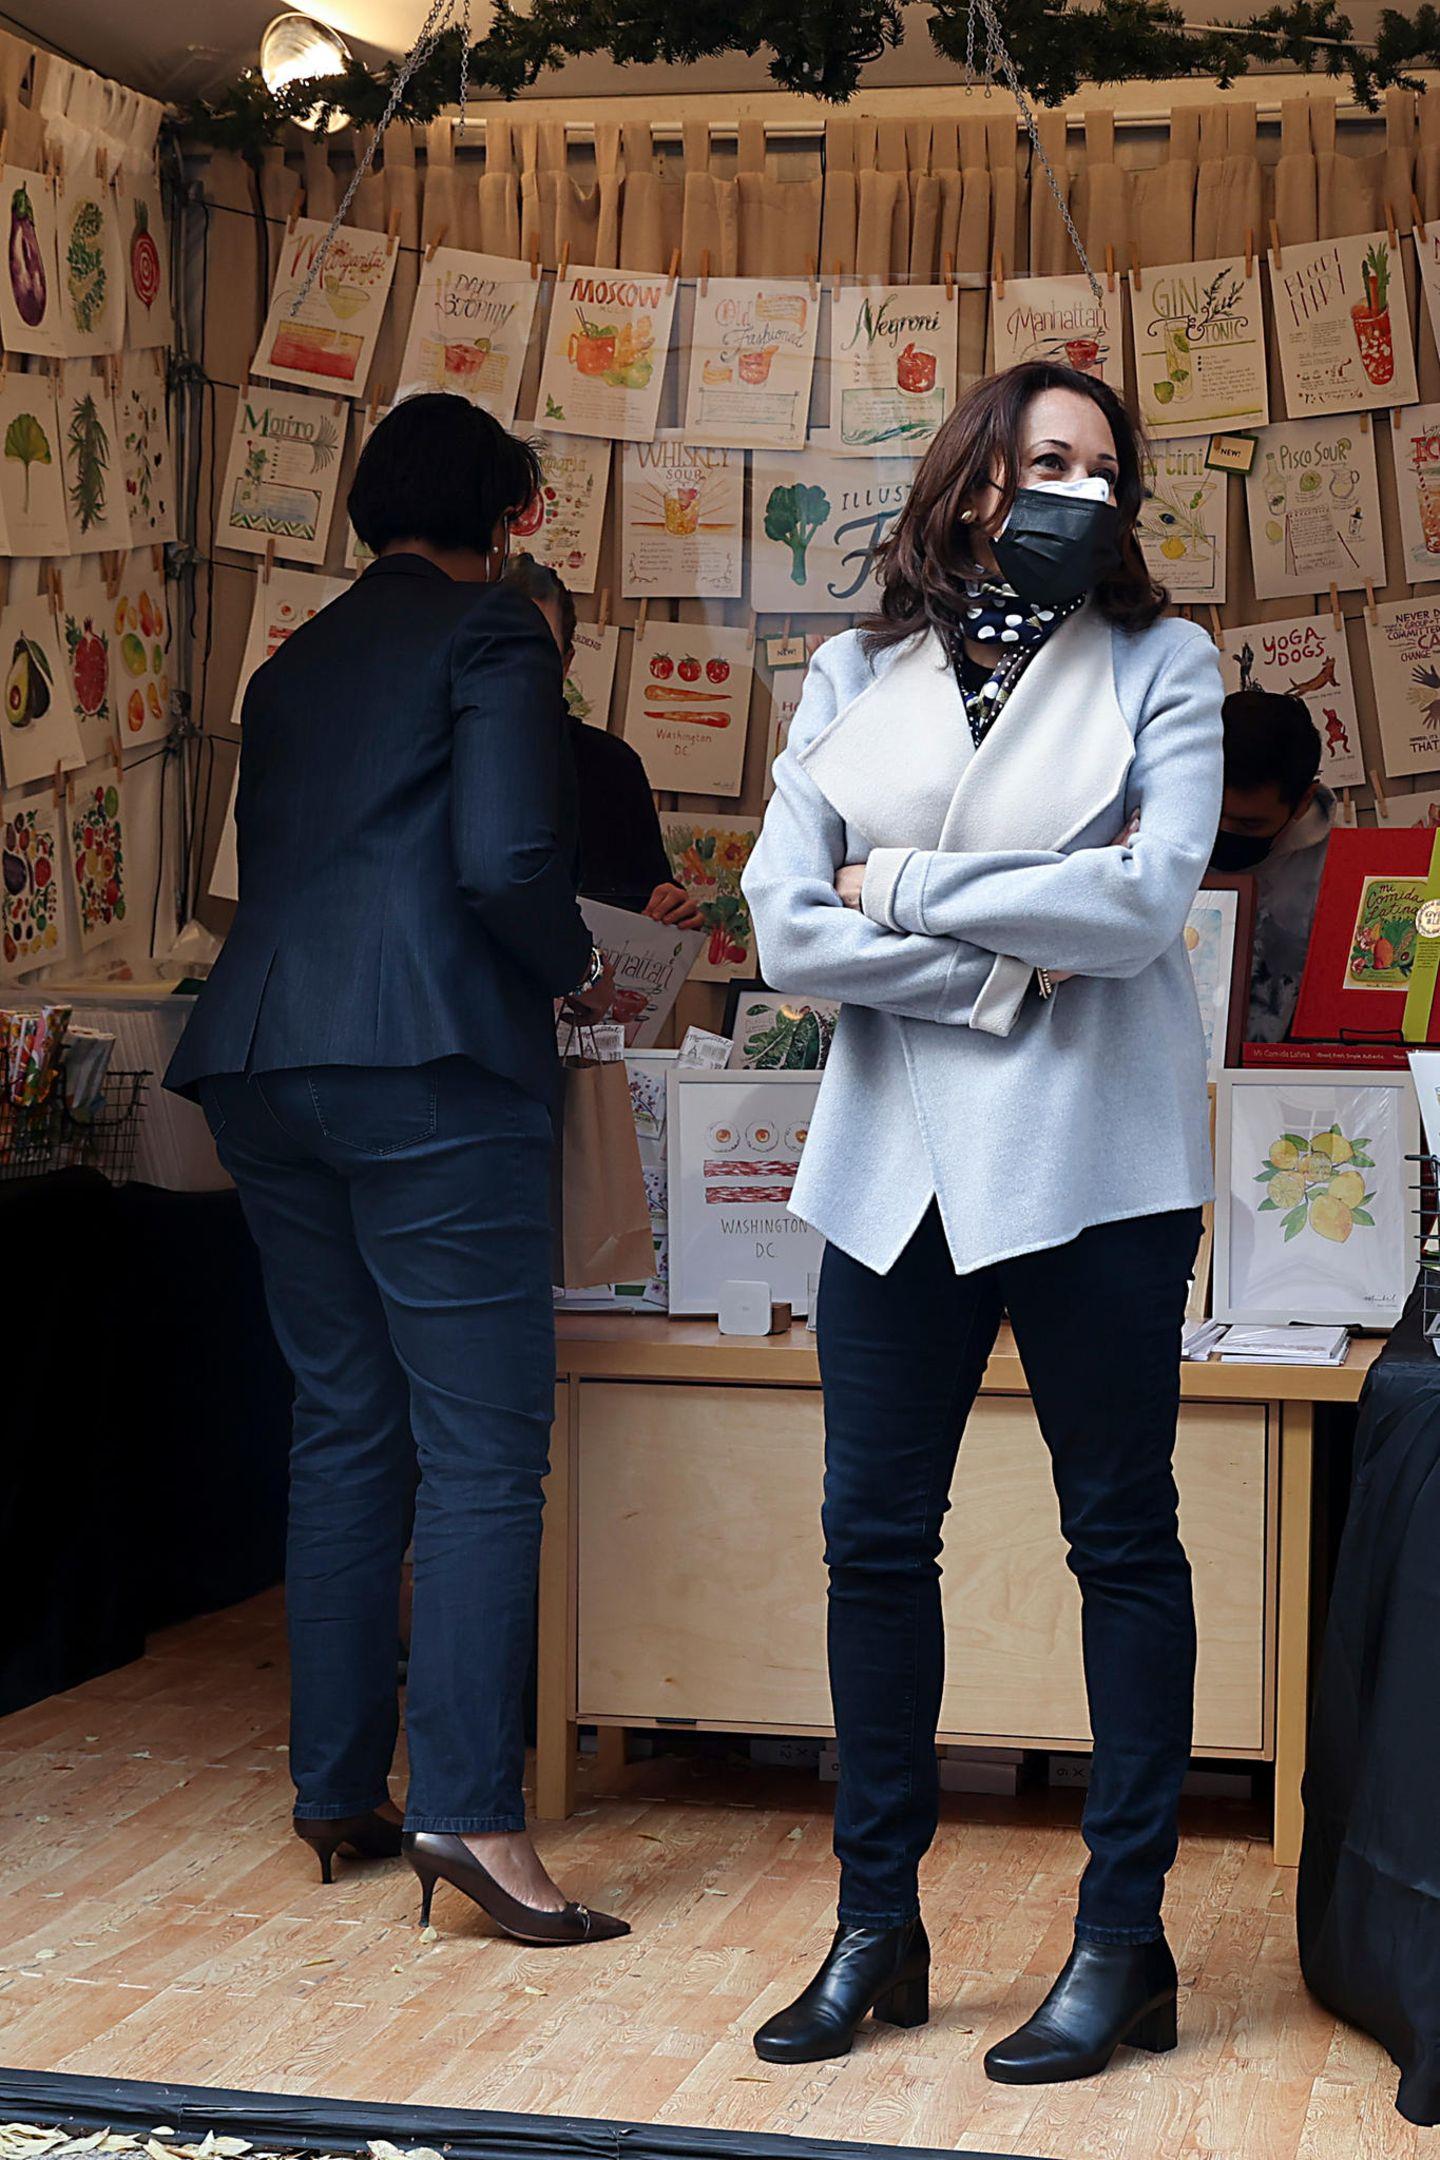 Die zukünftige Vizepräsidentin ist bekannt dafür, auch gerne mal entspannter unterwegs zu sein. So zeigt sie sich beim Besuch eines Weihnachtsmarkts in Washington D.C. in Doubleface-Jacke, enger Jeans und klassischen Stiefeletten. Elegant, aber dennoch herrlich bodenständig!